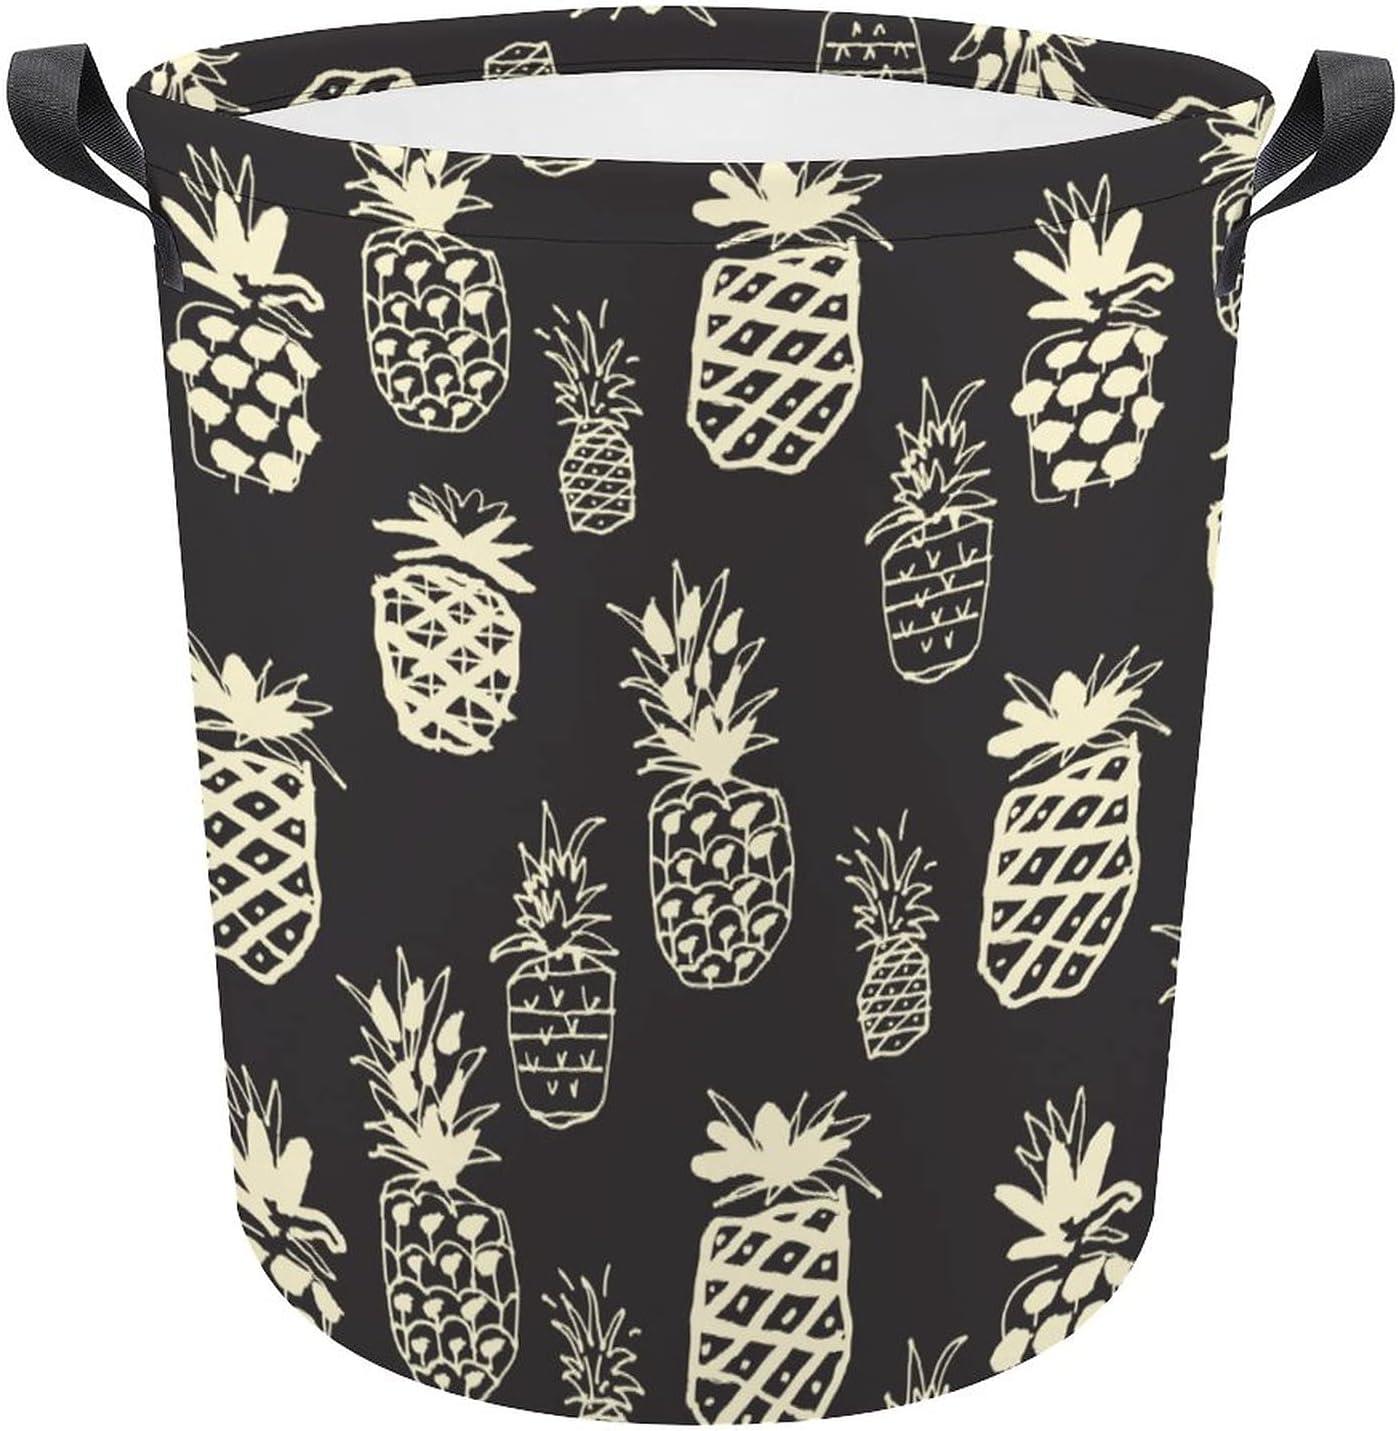 55% OFF Summer Doodle Vintage Pineapples on Oxford Black Gift Lau Al sold out.